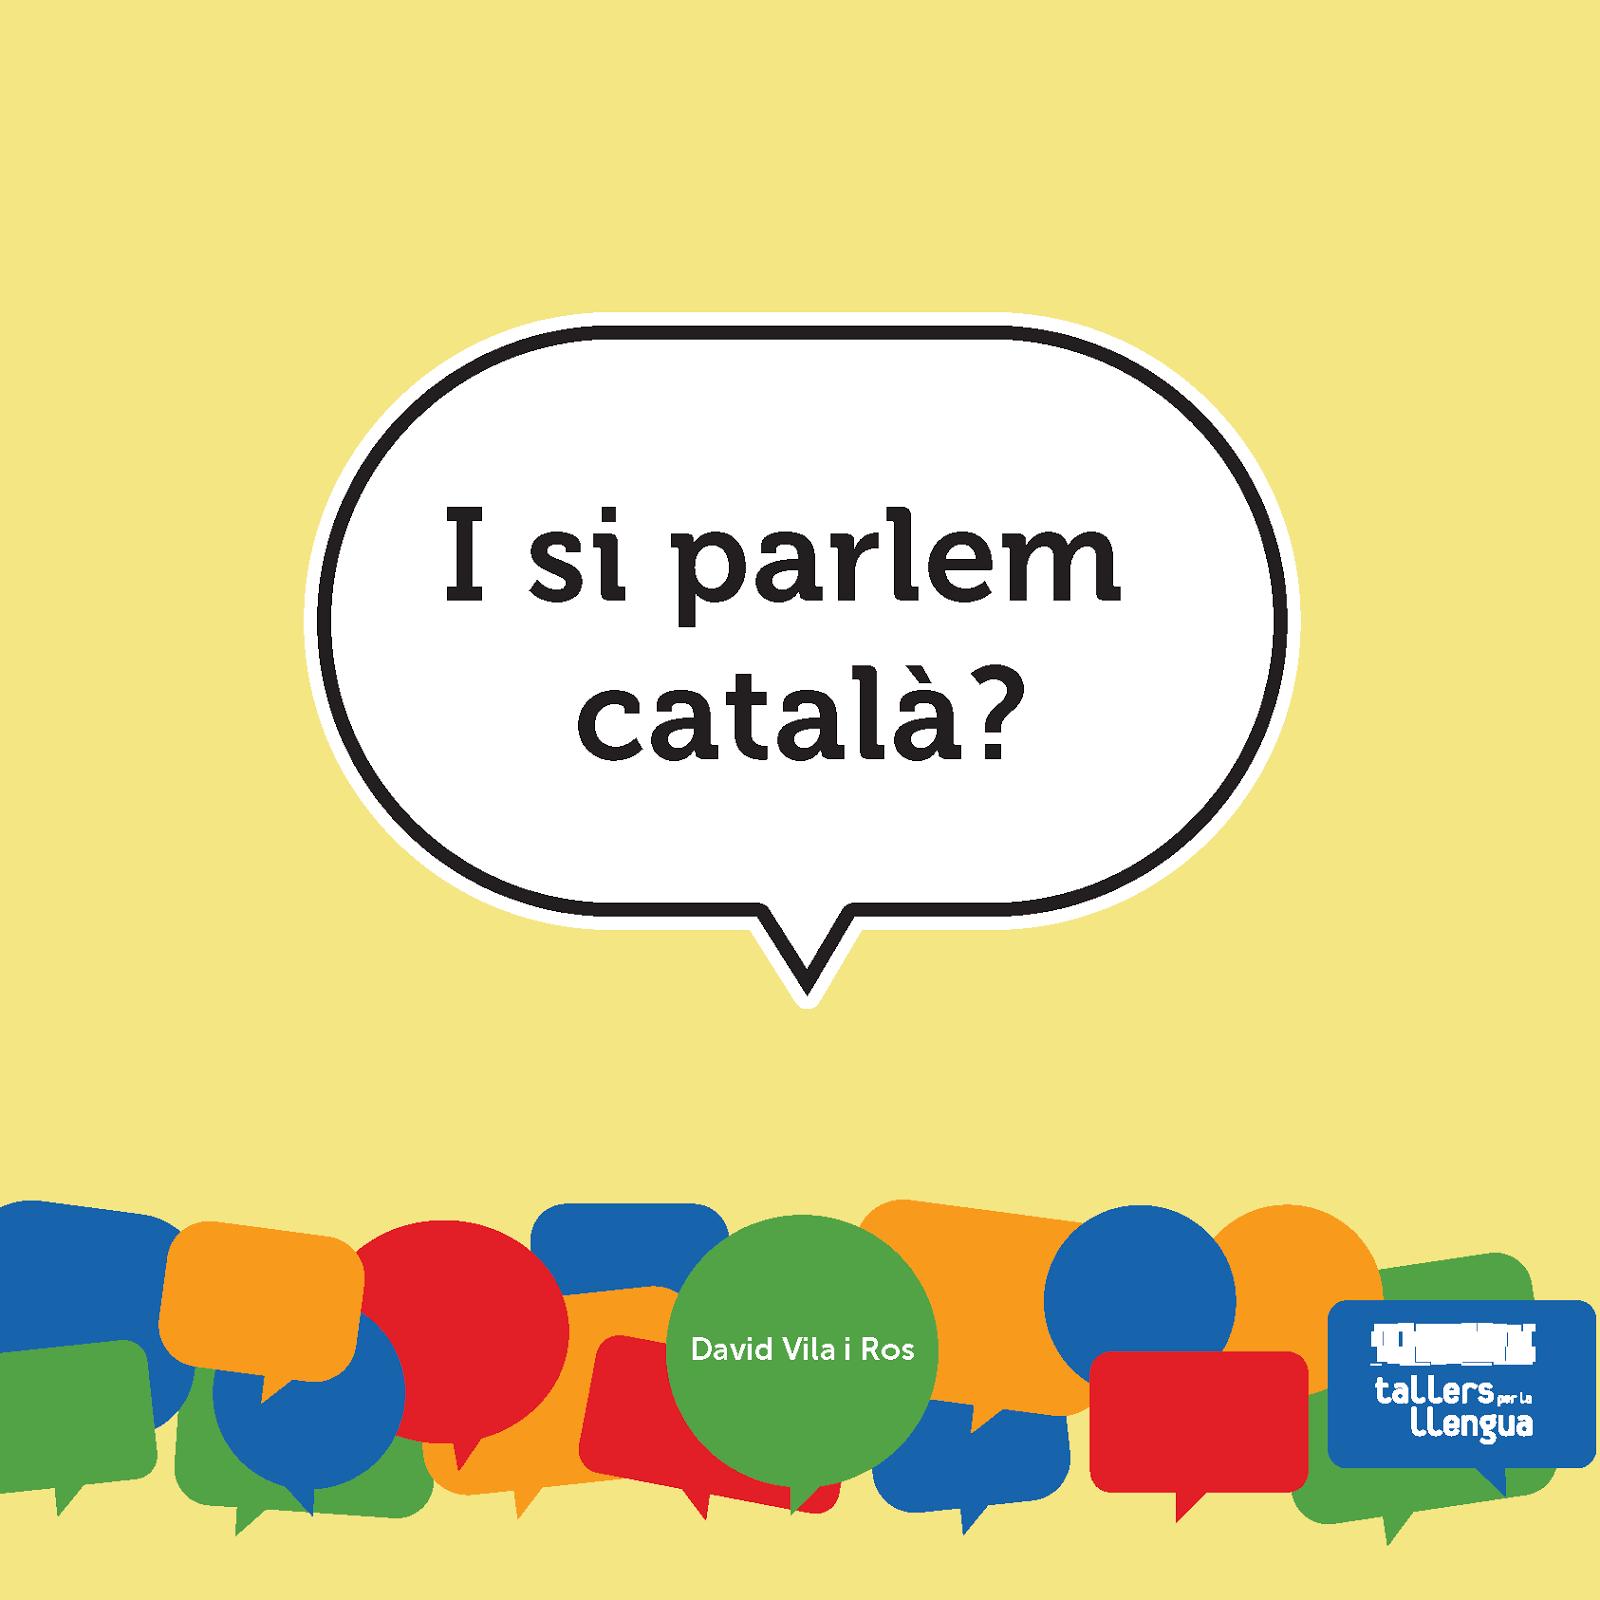 Presentació 'I si parlem català?' a Cerdanyola, dimarts 7 a les 19 h a l'Ateneu